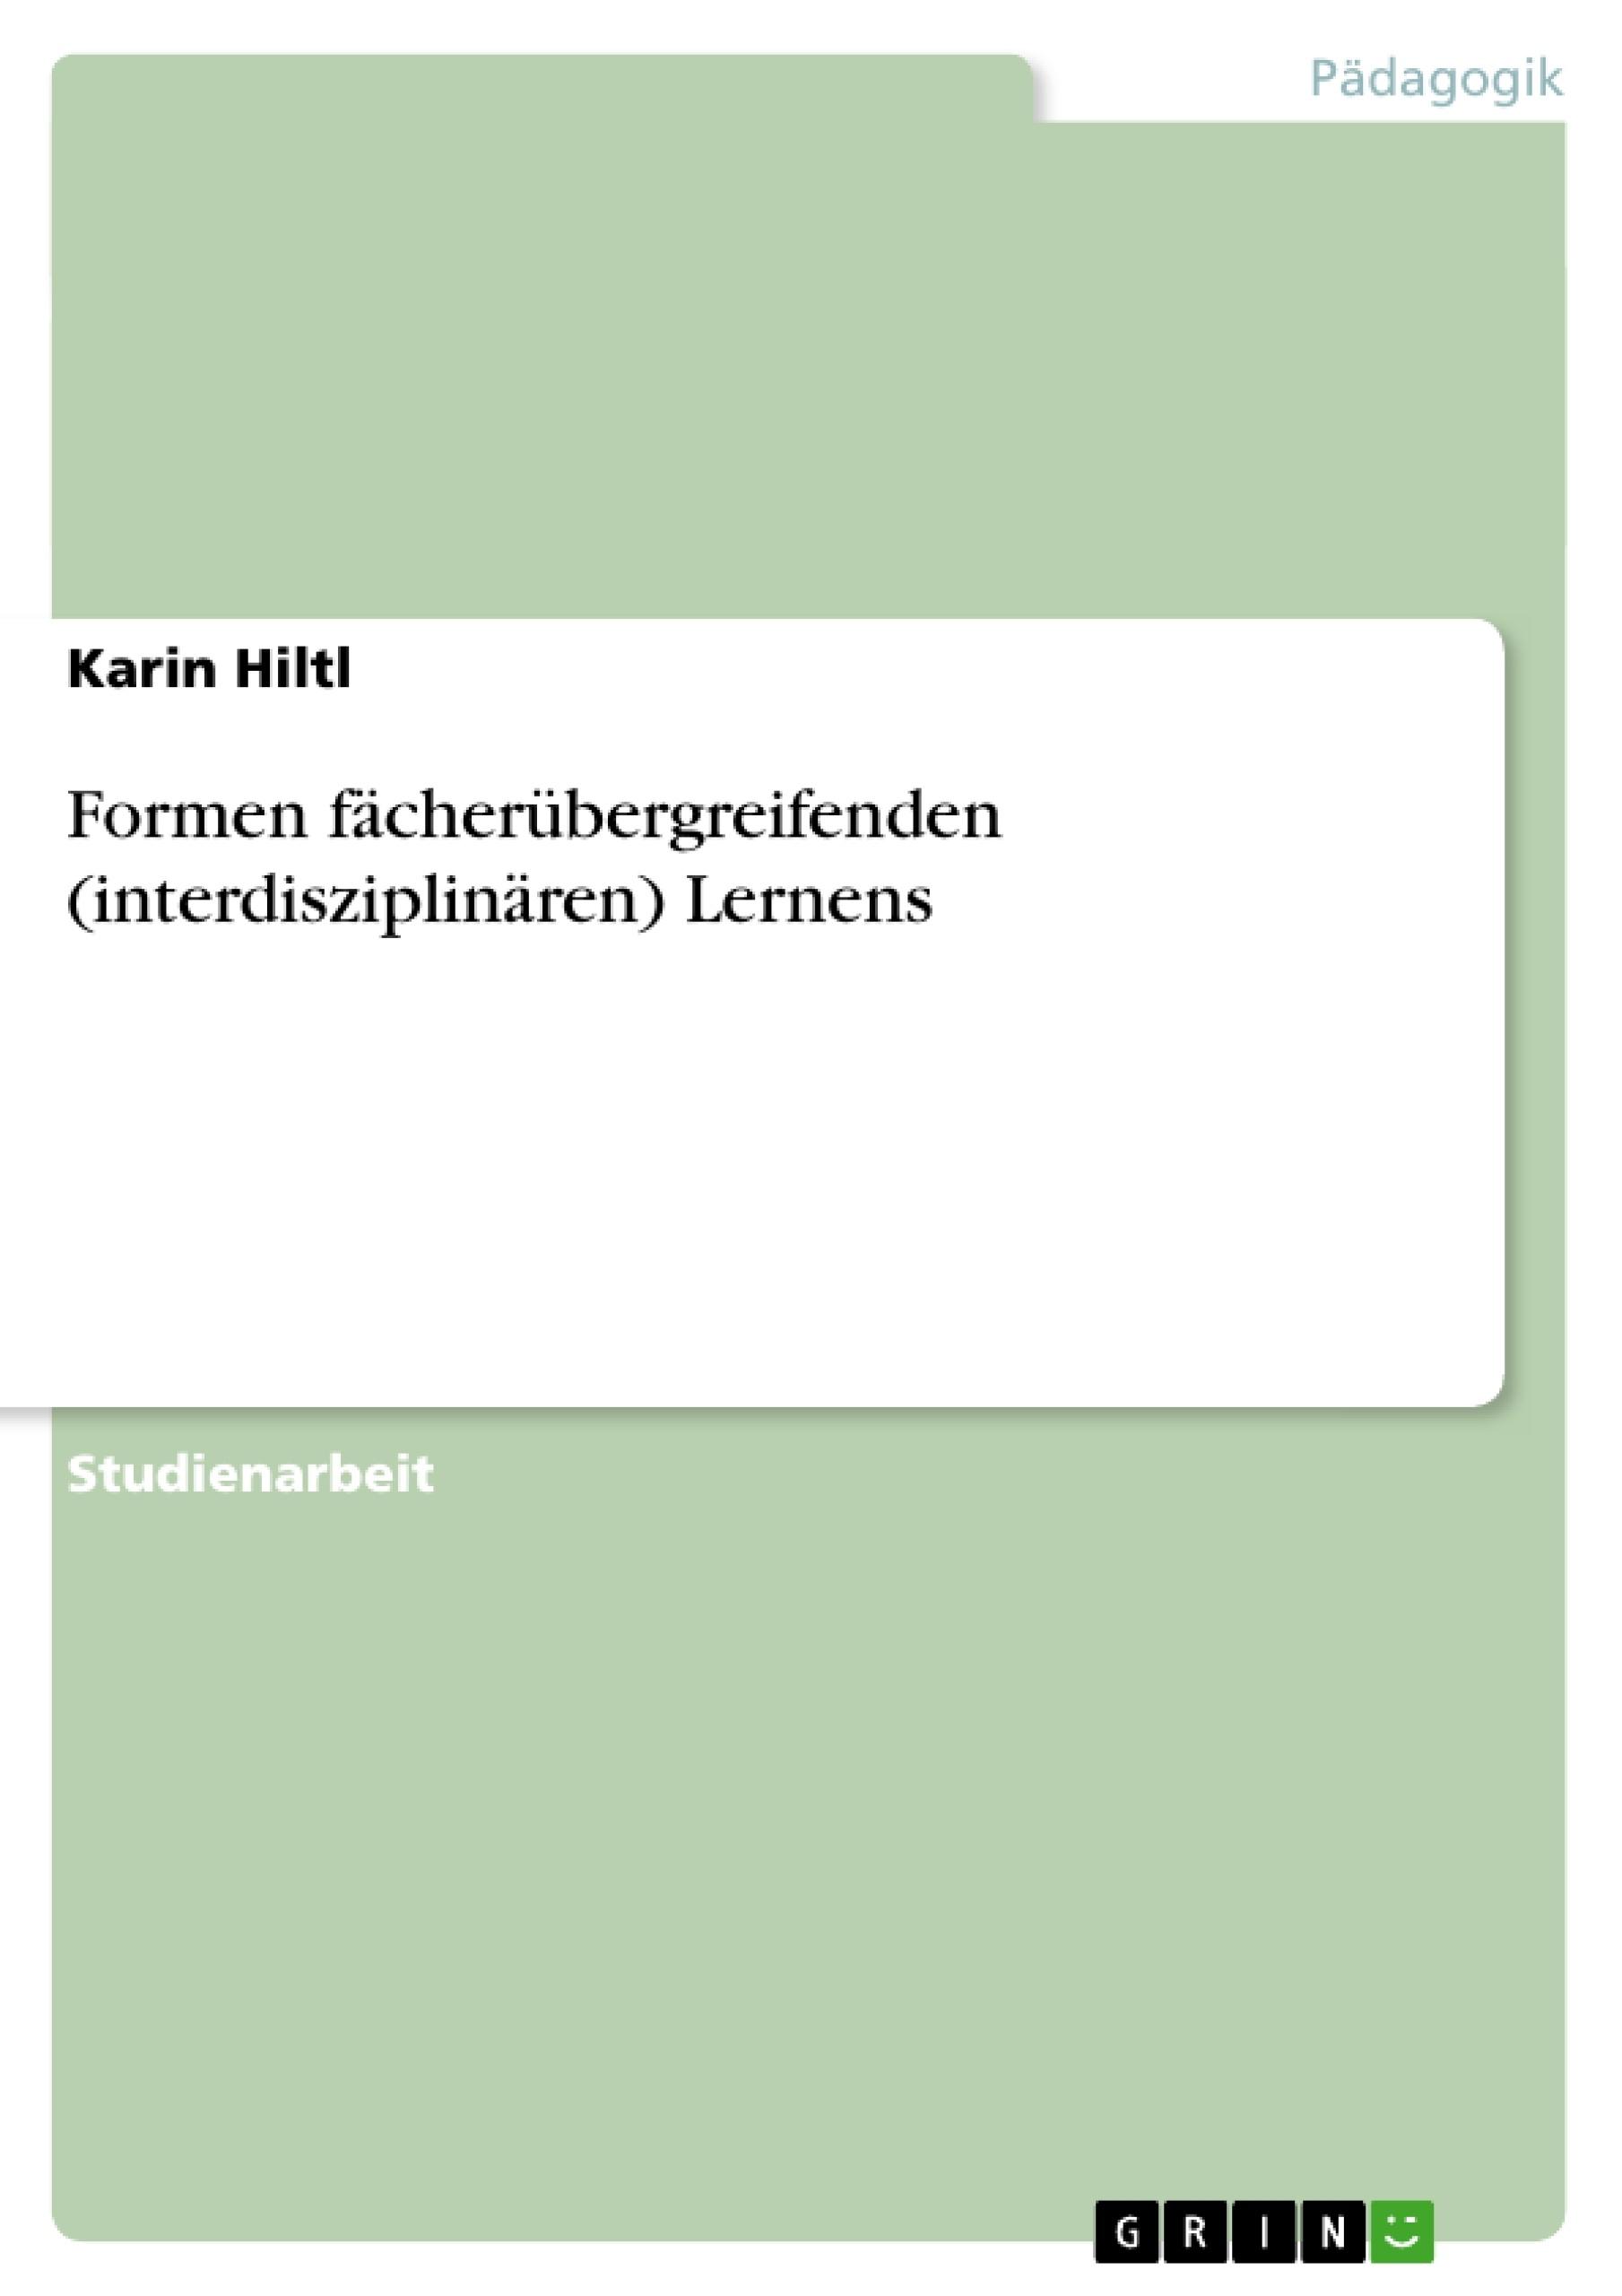 Titel: Formen fächerübergreifenden (interdisziplinären) Lernens